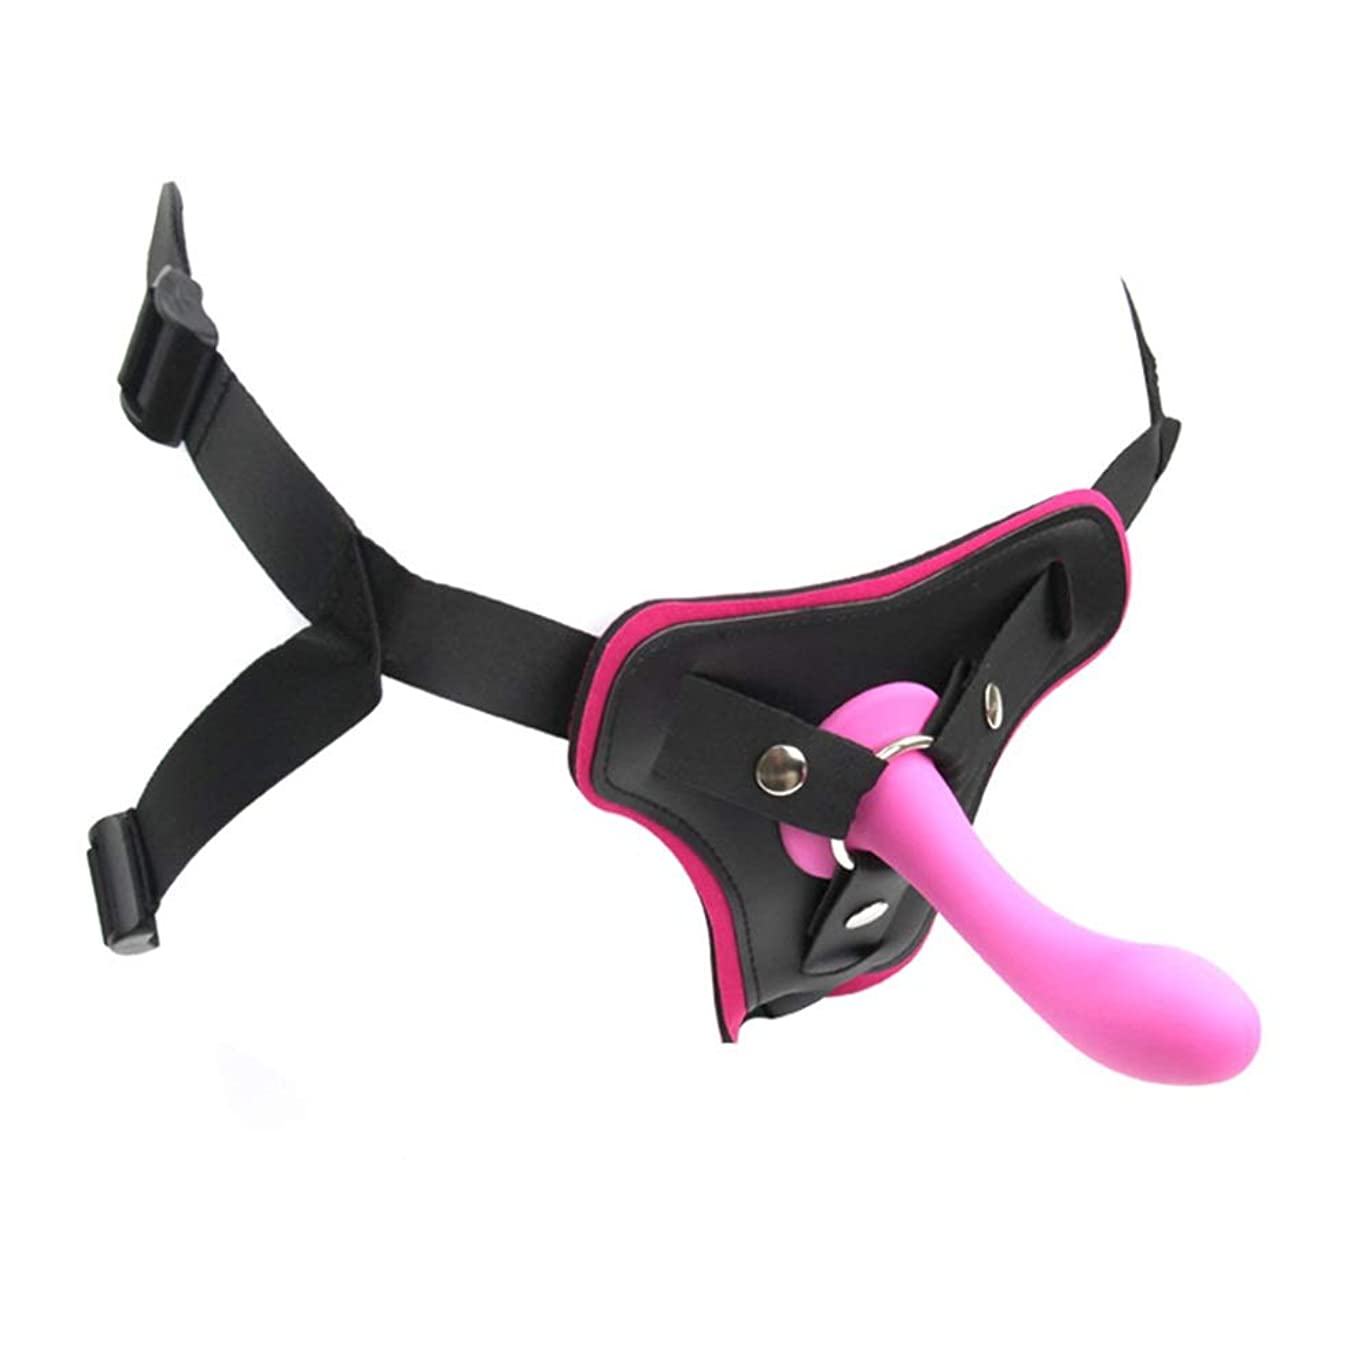 隠す価値のない請求HZDSBH ボディストラップカーブツールキット女性を作るためのスキンマッサージャーのおもちゃ?振動?振動ロッド